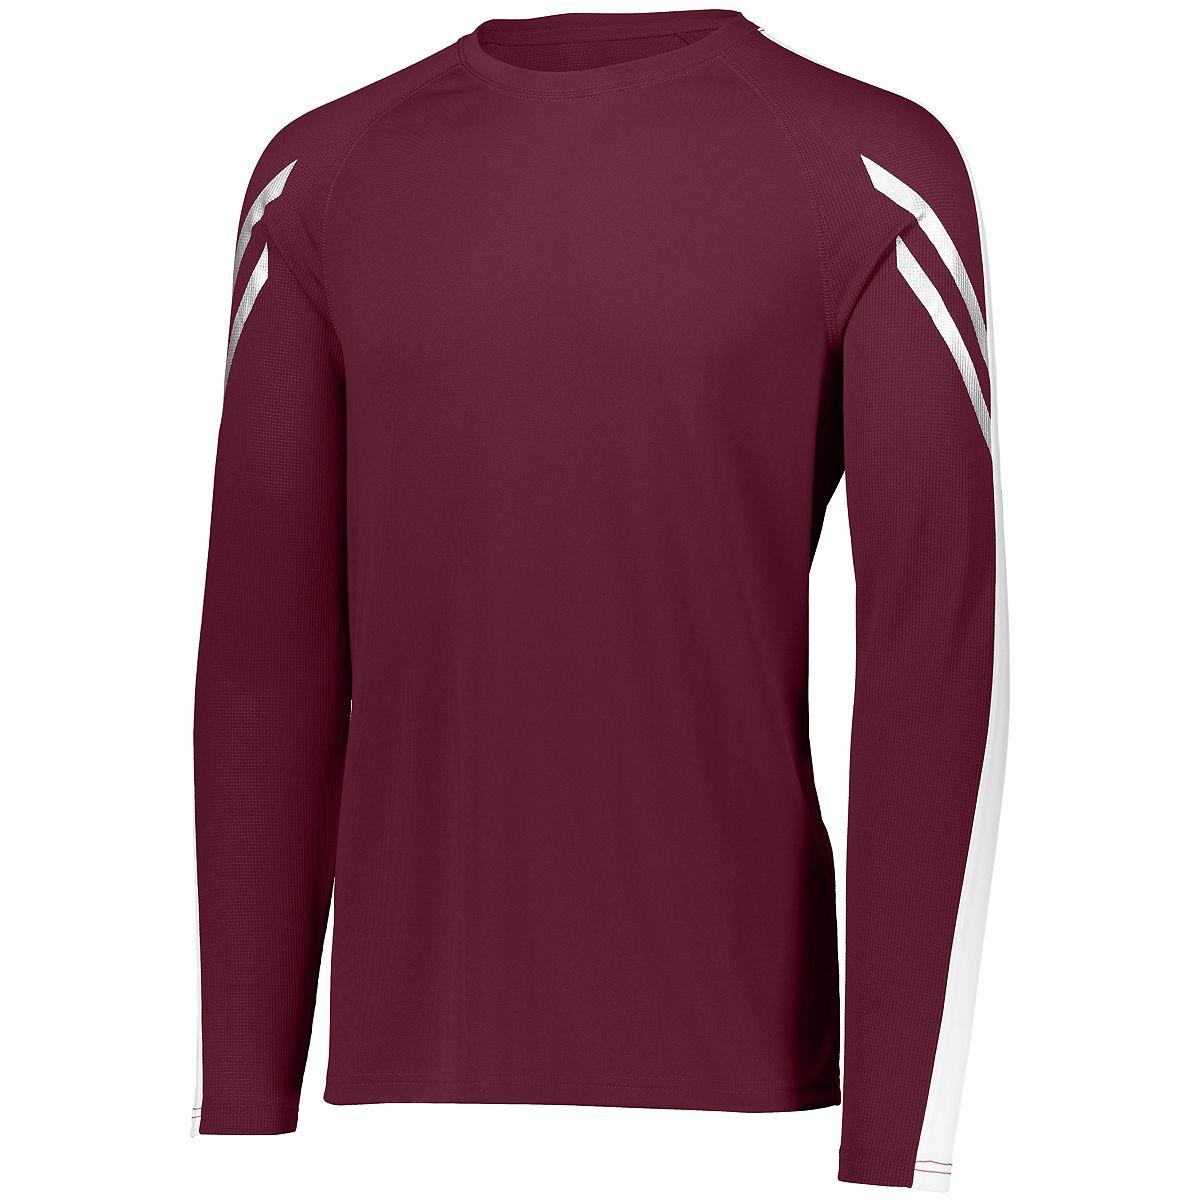 Holloway Flux Shirt L/S Mar/Whi S - image 1 de 1